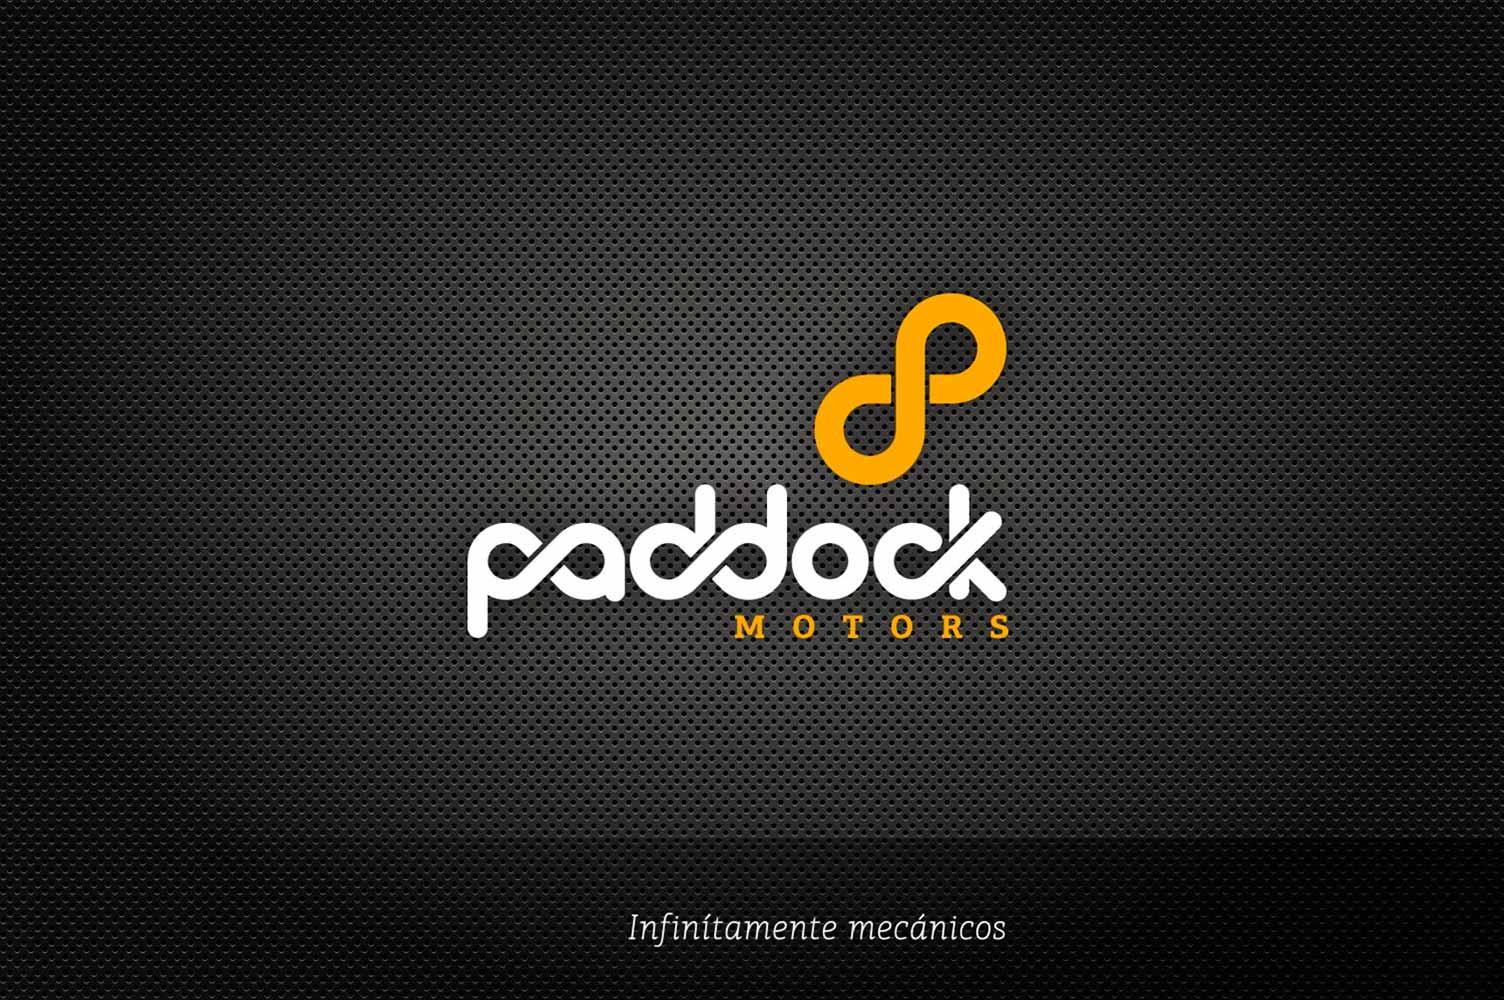 Imagen de marca aplicada paddock